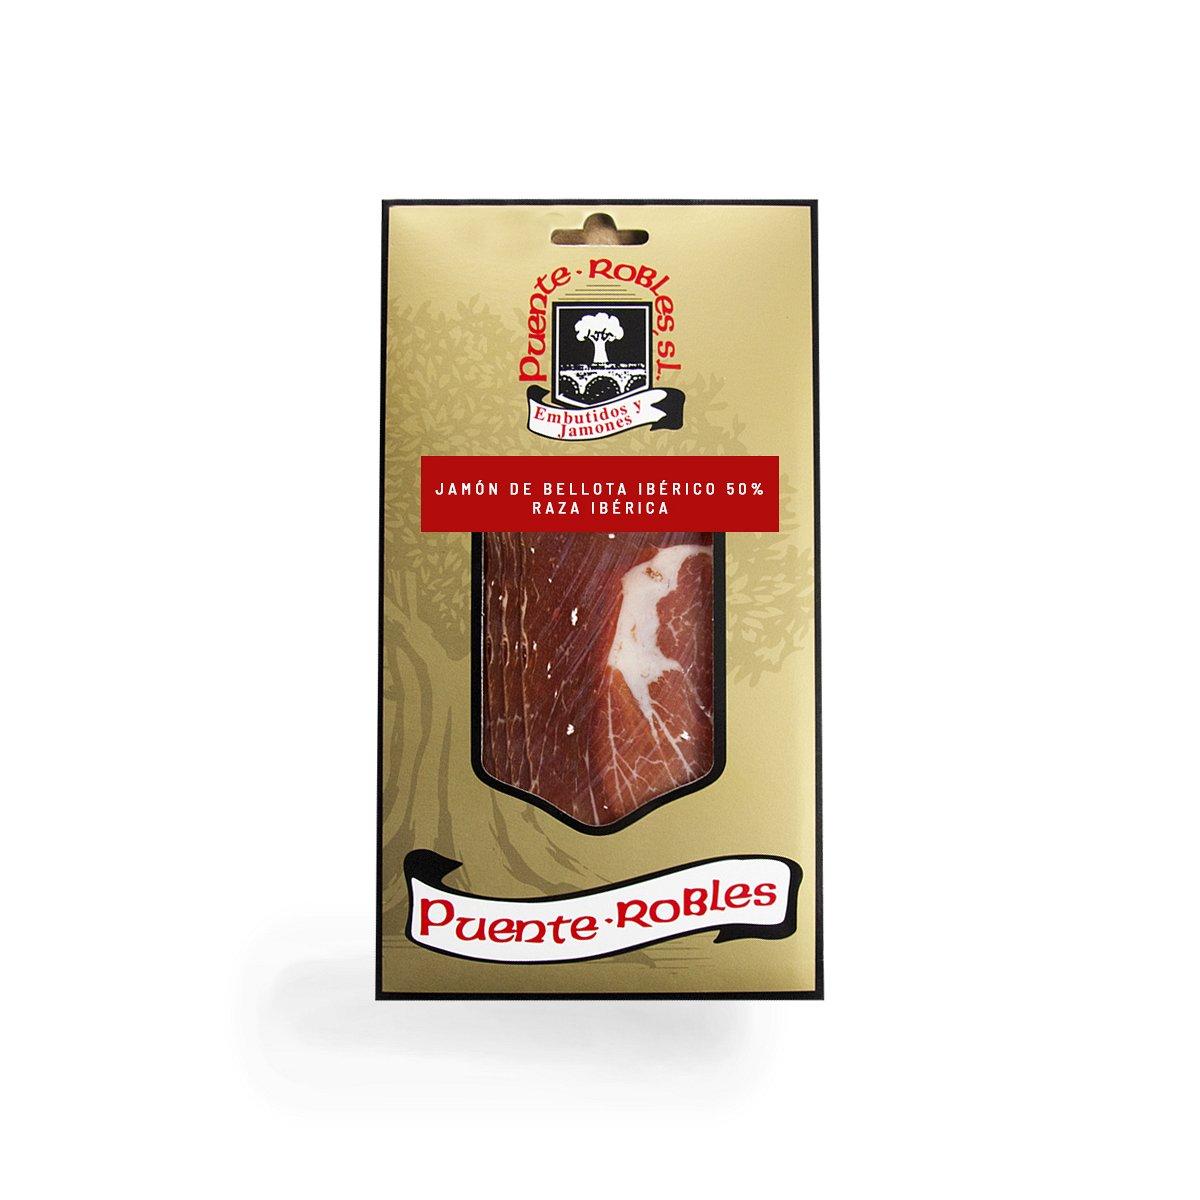 Jamón de bellota ibérico 50% raza ibérica LONCHEADO